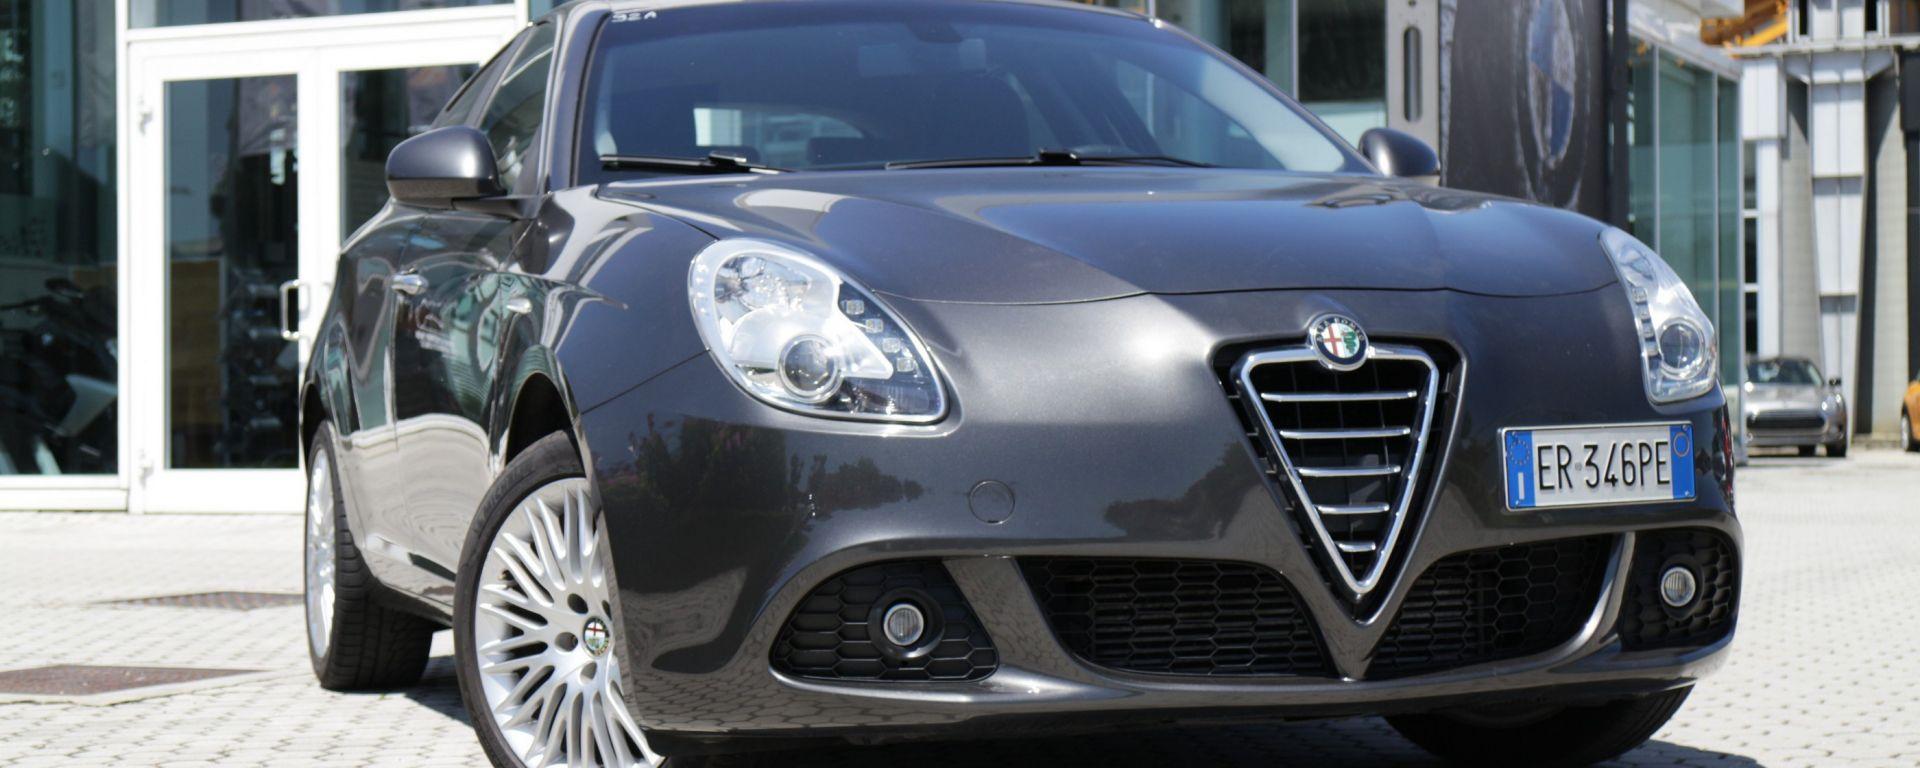 Alfa Romeo Giulietta 1.6 JTDm-2: immatricolata nel marzo 2013 ha percorso 116mila km